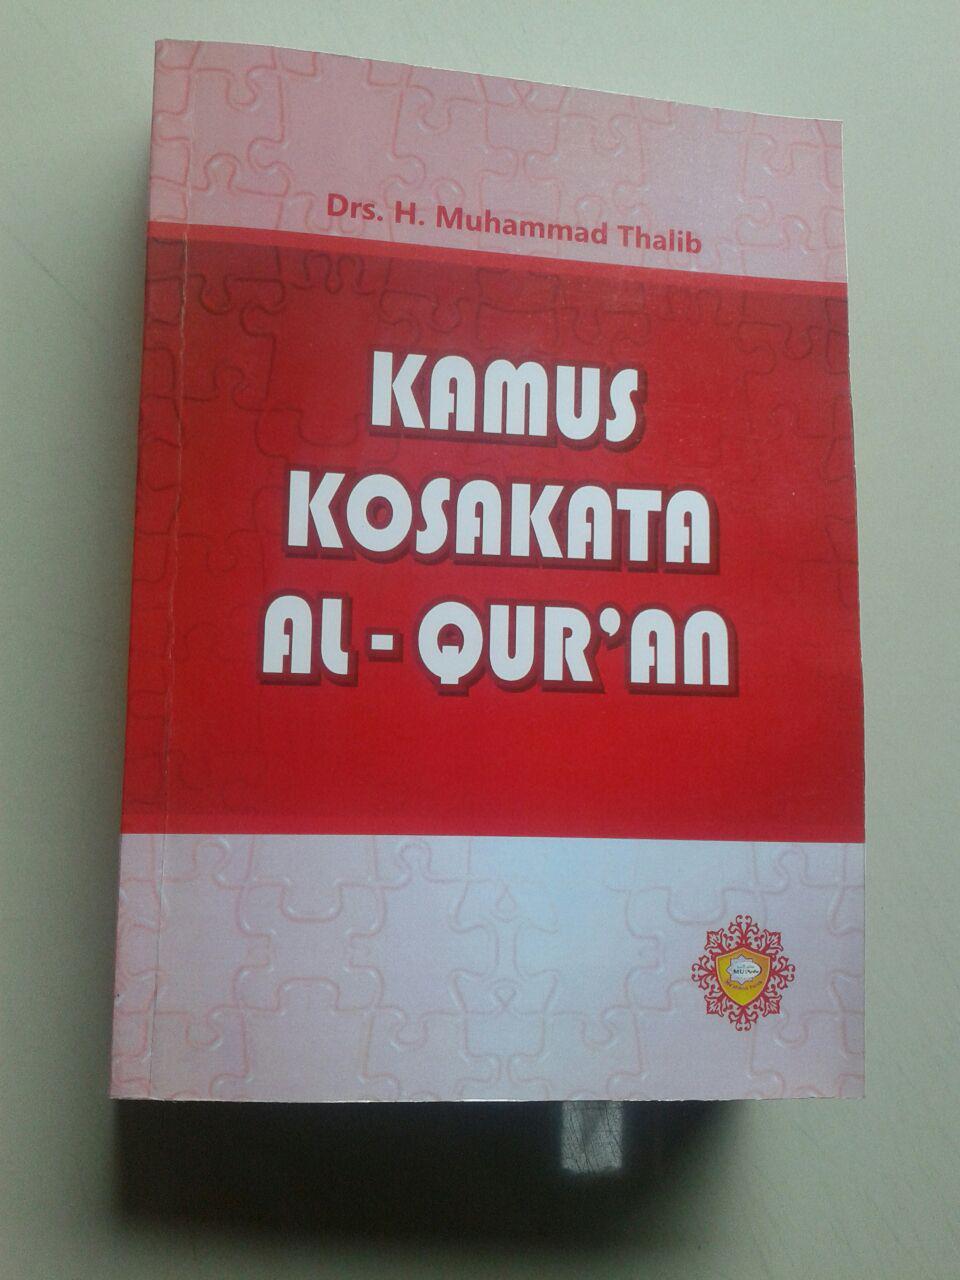 Buku Kamus Kosa Kata Al-Qur'an cover 2